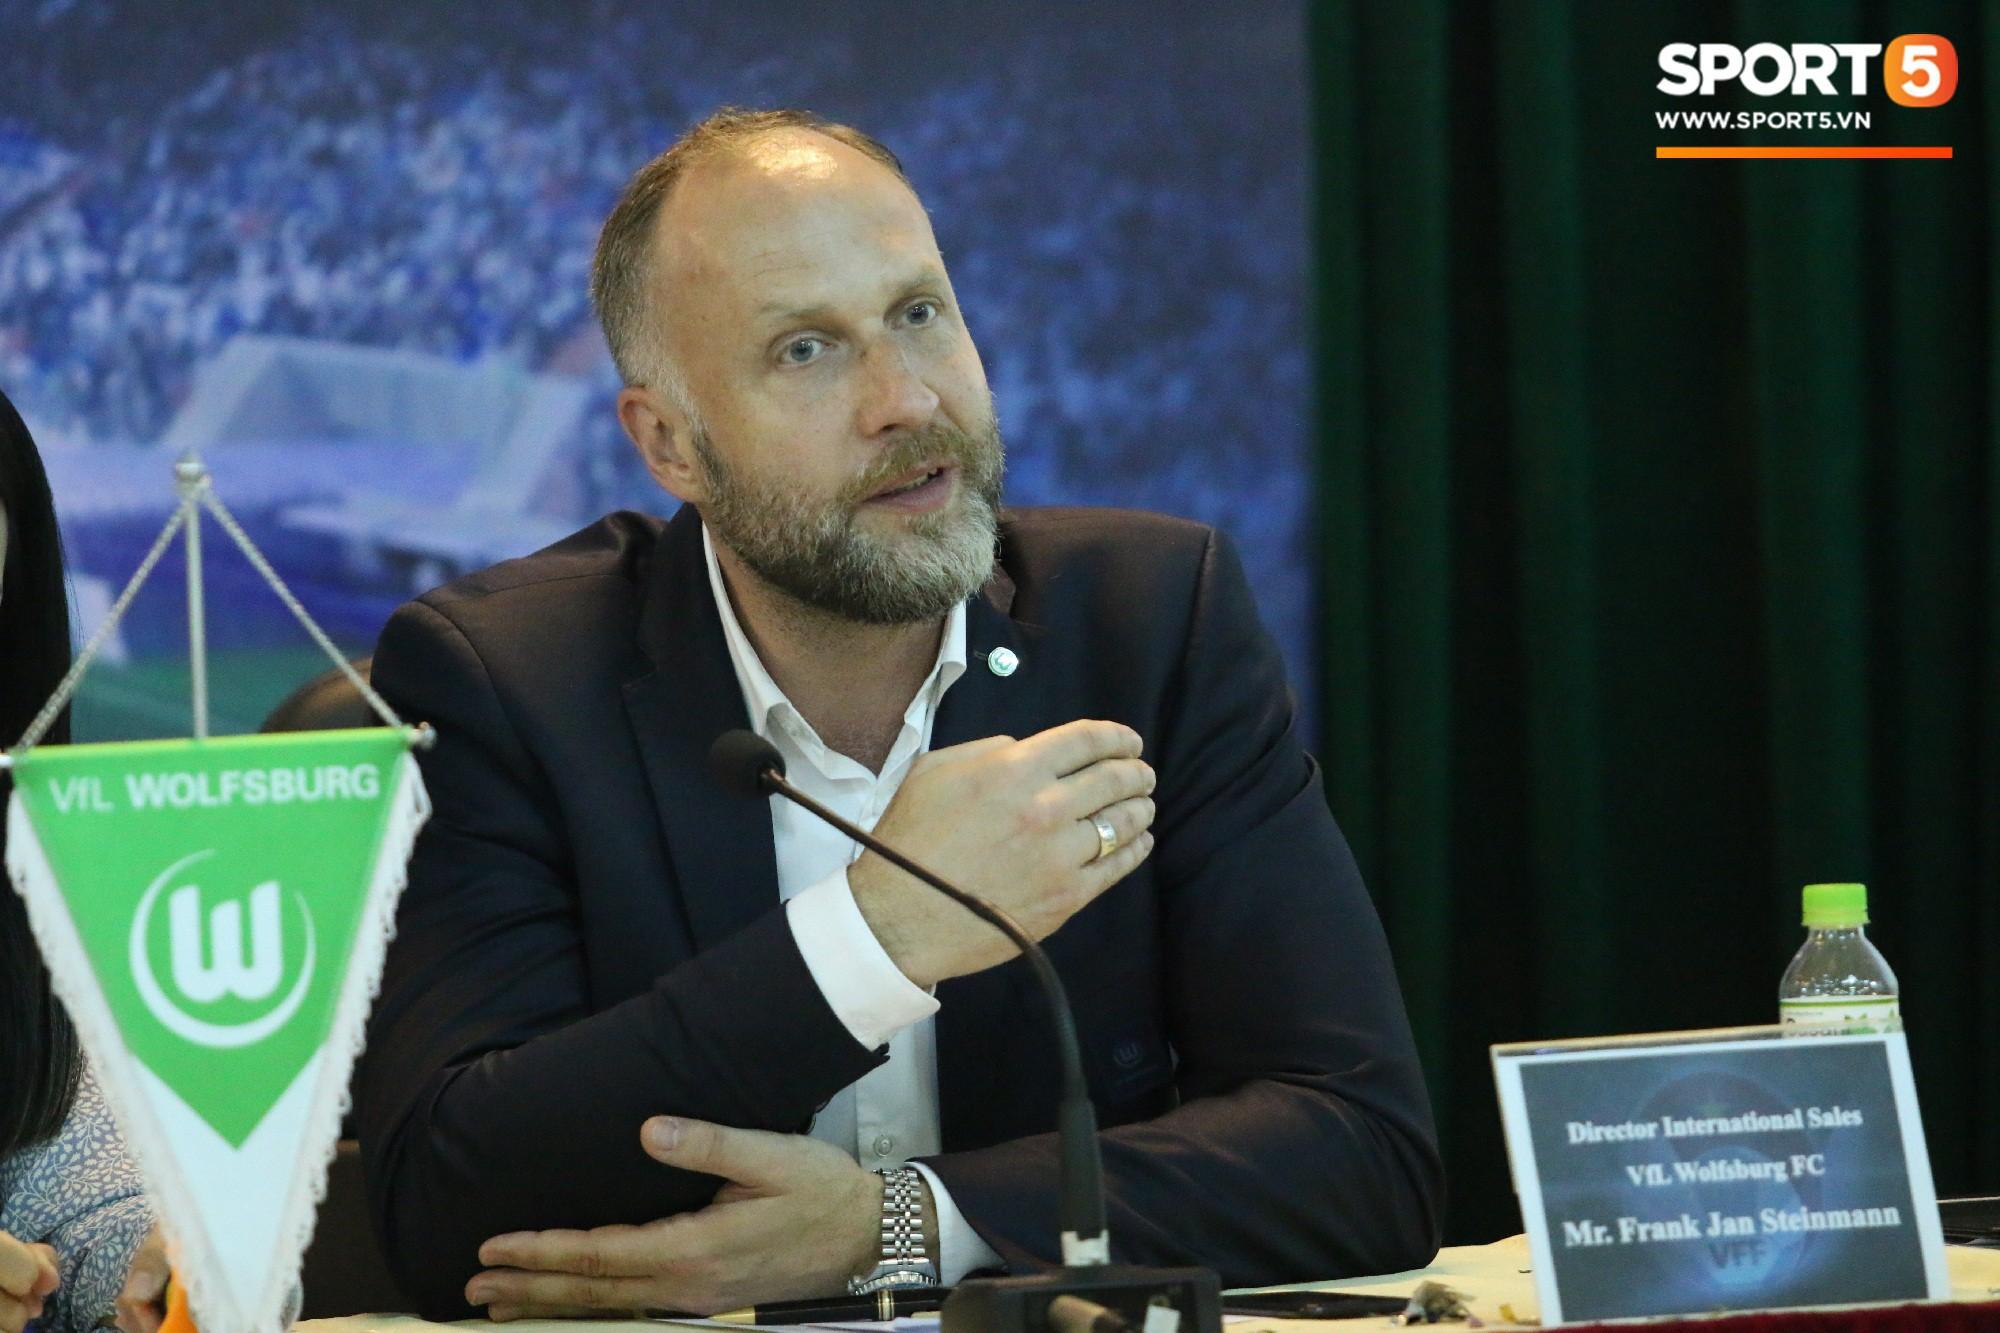 CLB nổi tiếng của Đức giải thích lý do cầu thủ trẻ Việt Nam chưa thể sang Đức thi đấu  - Ảnh 1.